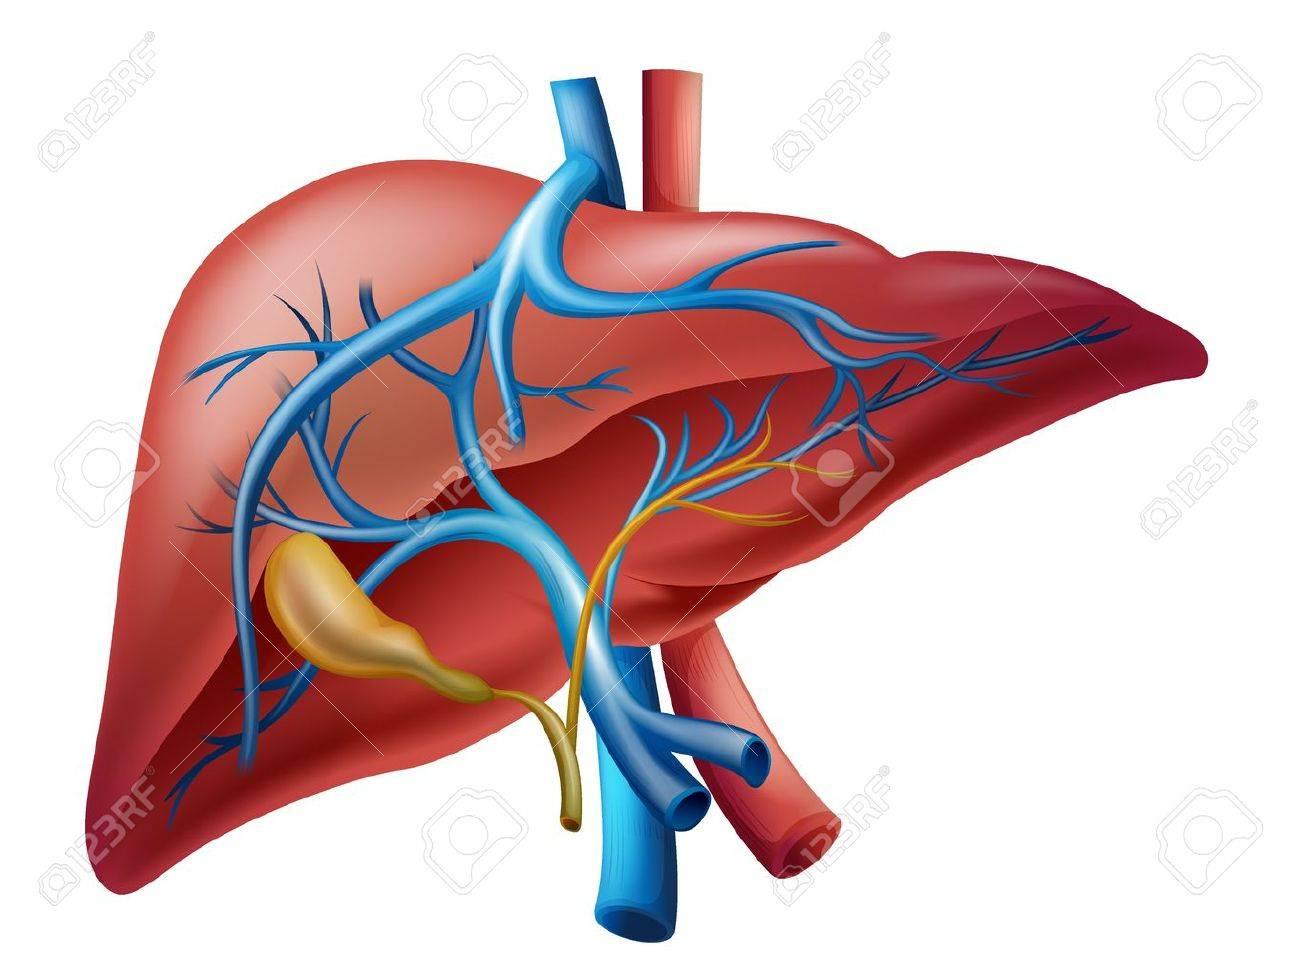 Ilustración Del Hígado Humano Interno Ilustraciones Vectoriales ...